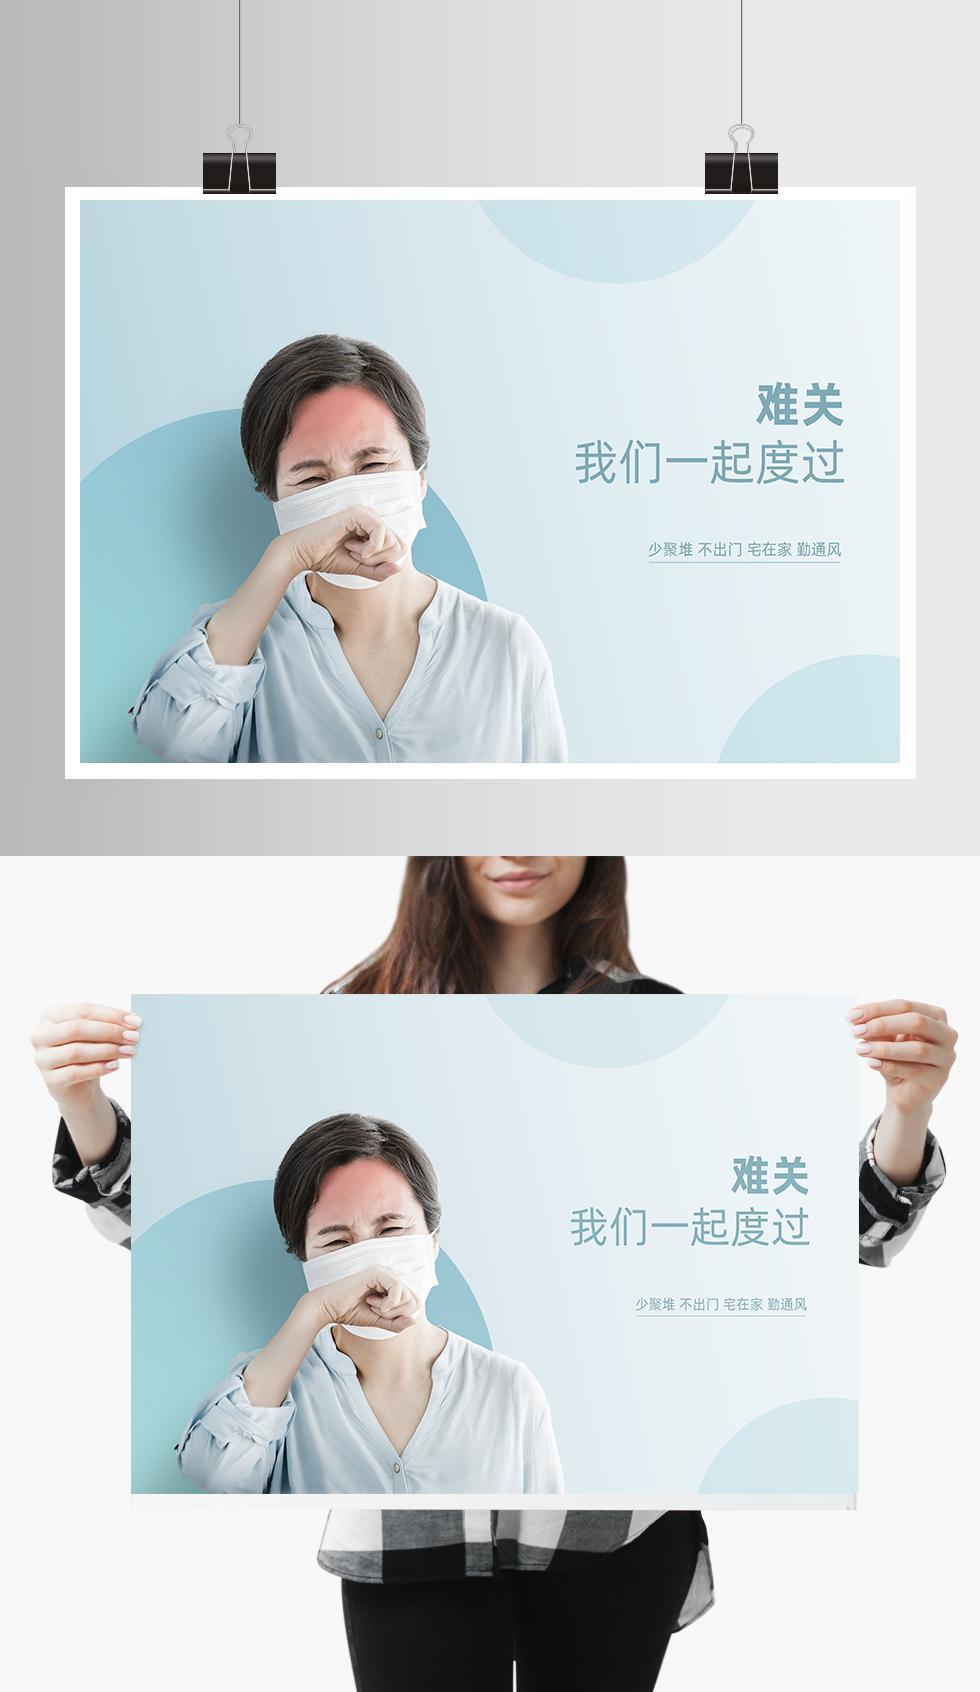 呼吸道感染口罩新冠状病毒疾病防御医疗海报(2)